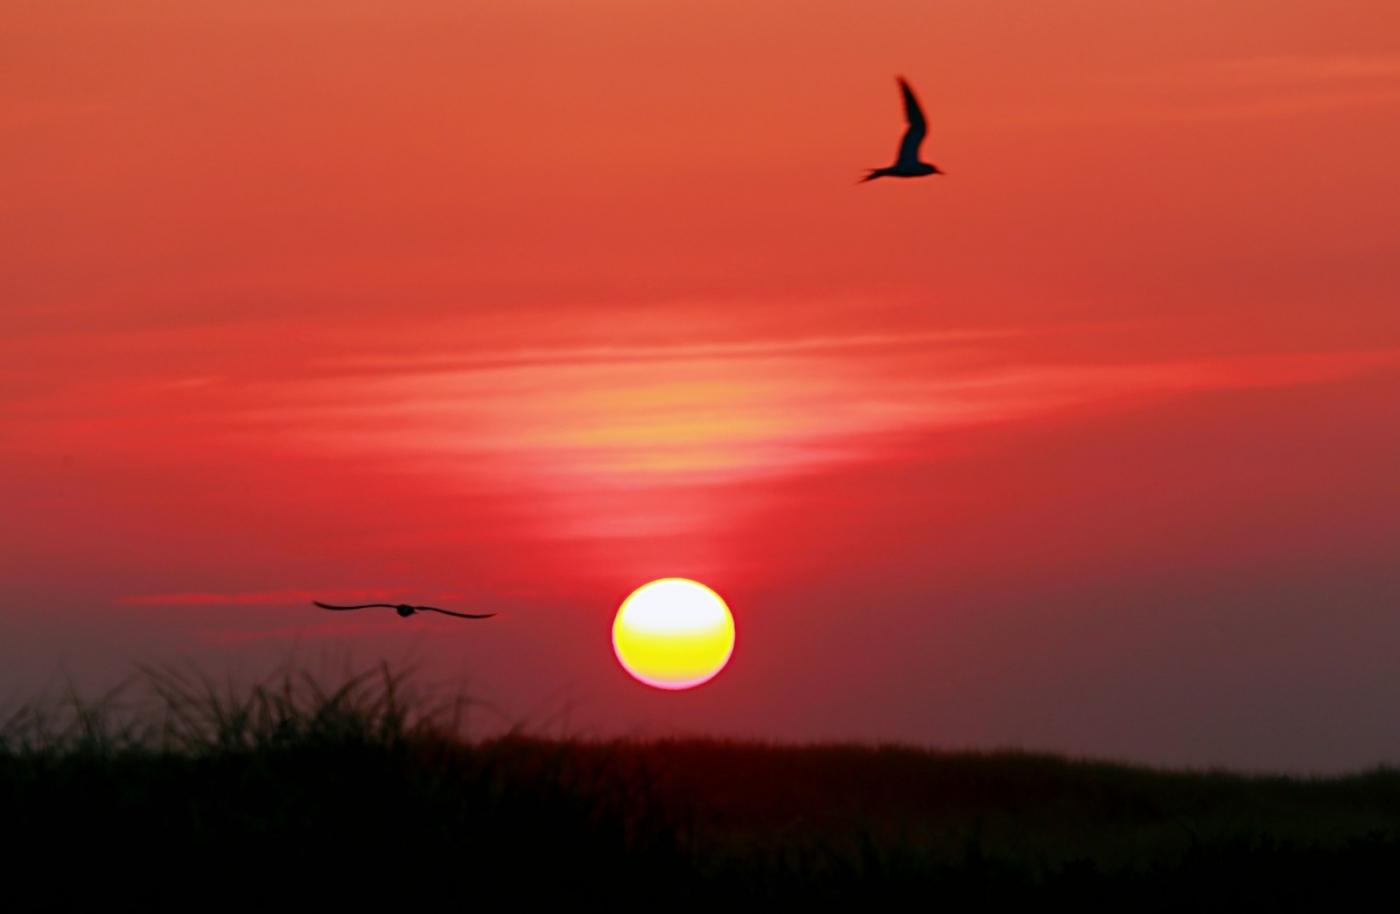 【田螺摄影】写长沙滩的日出日落_图1-5